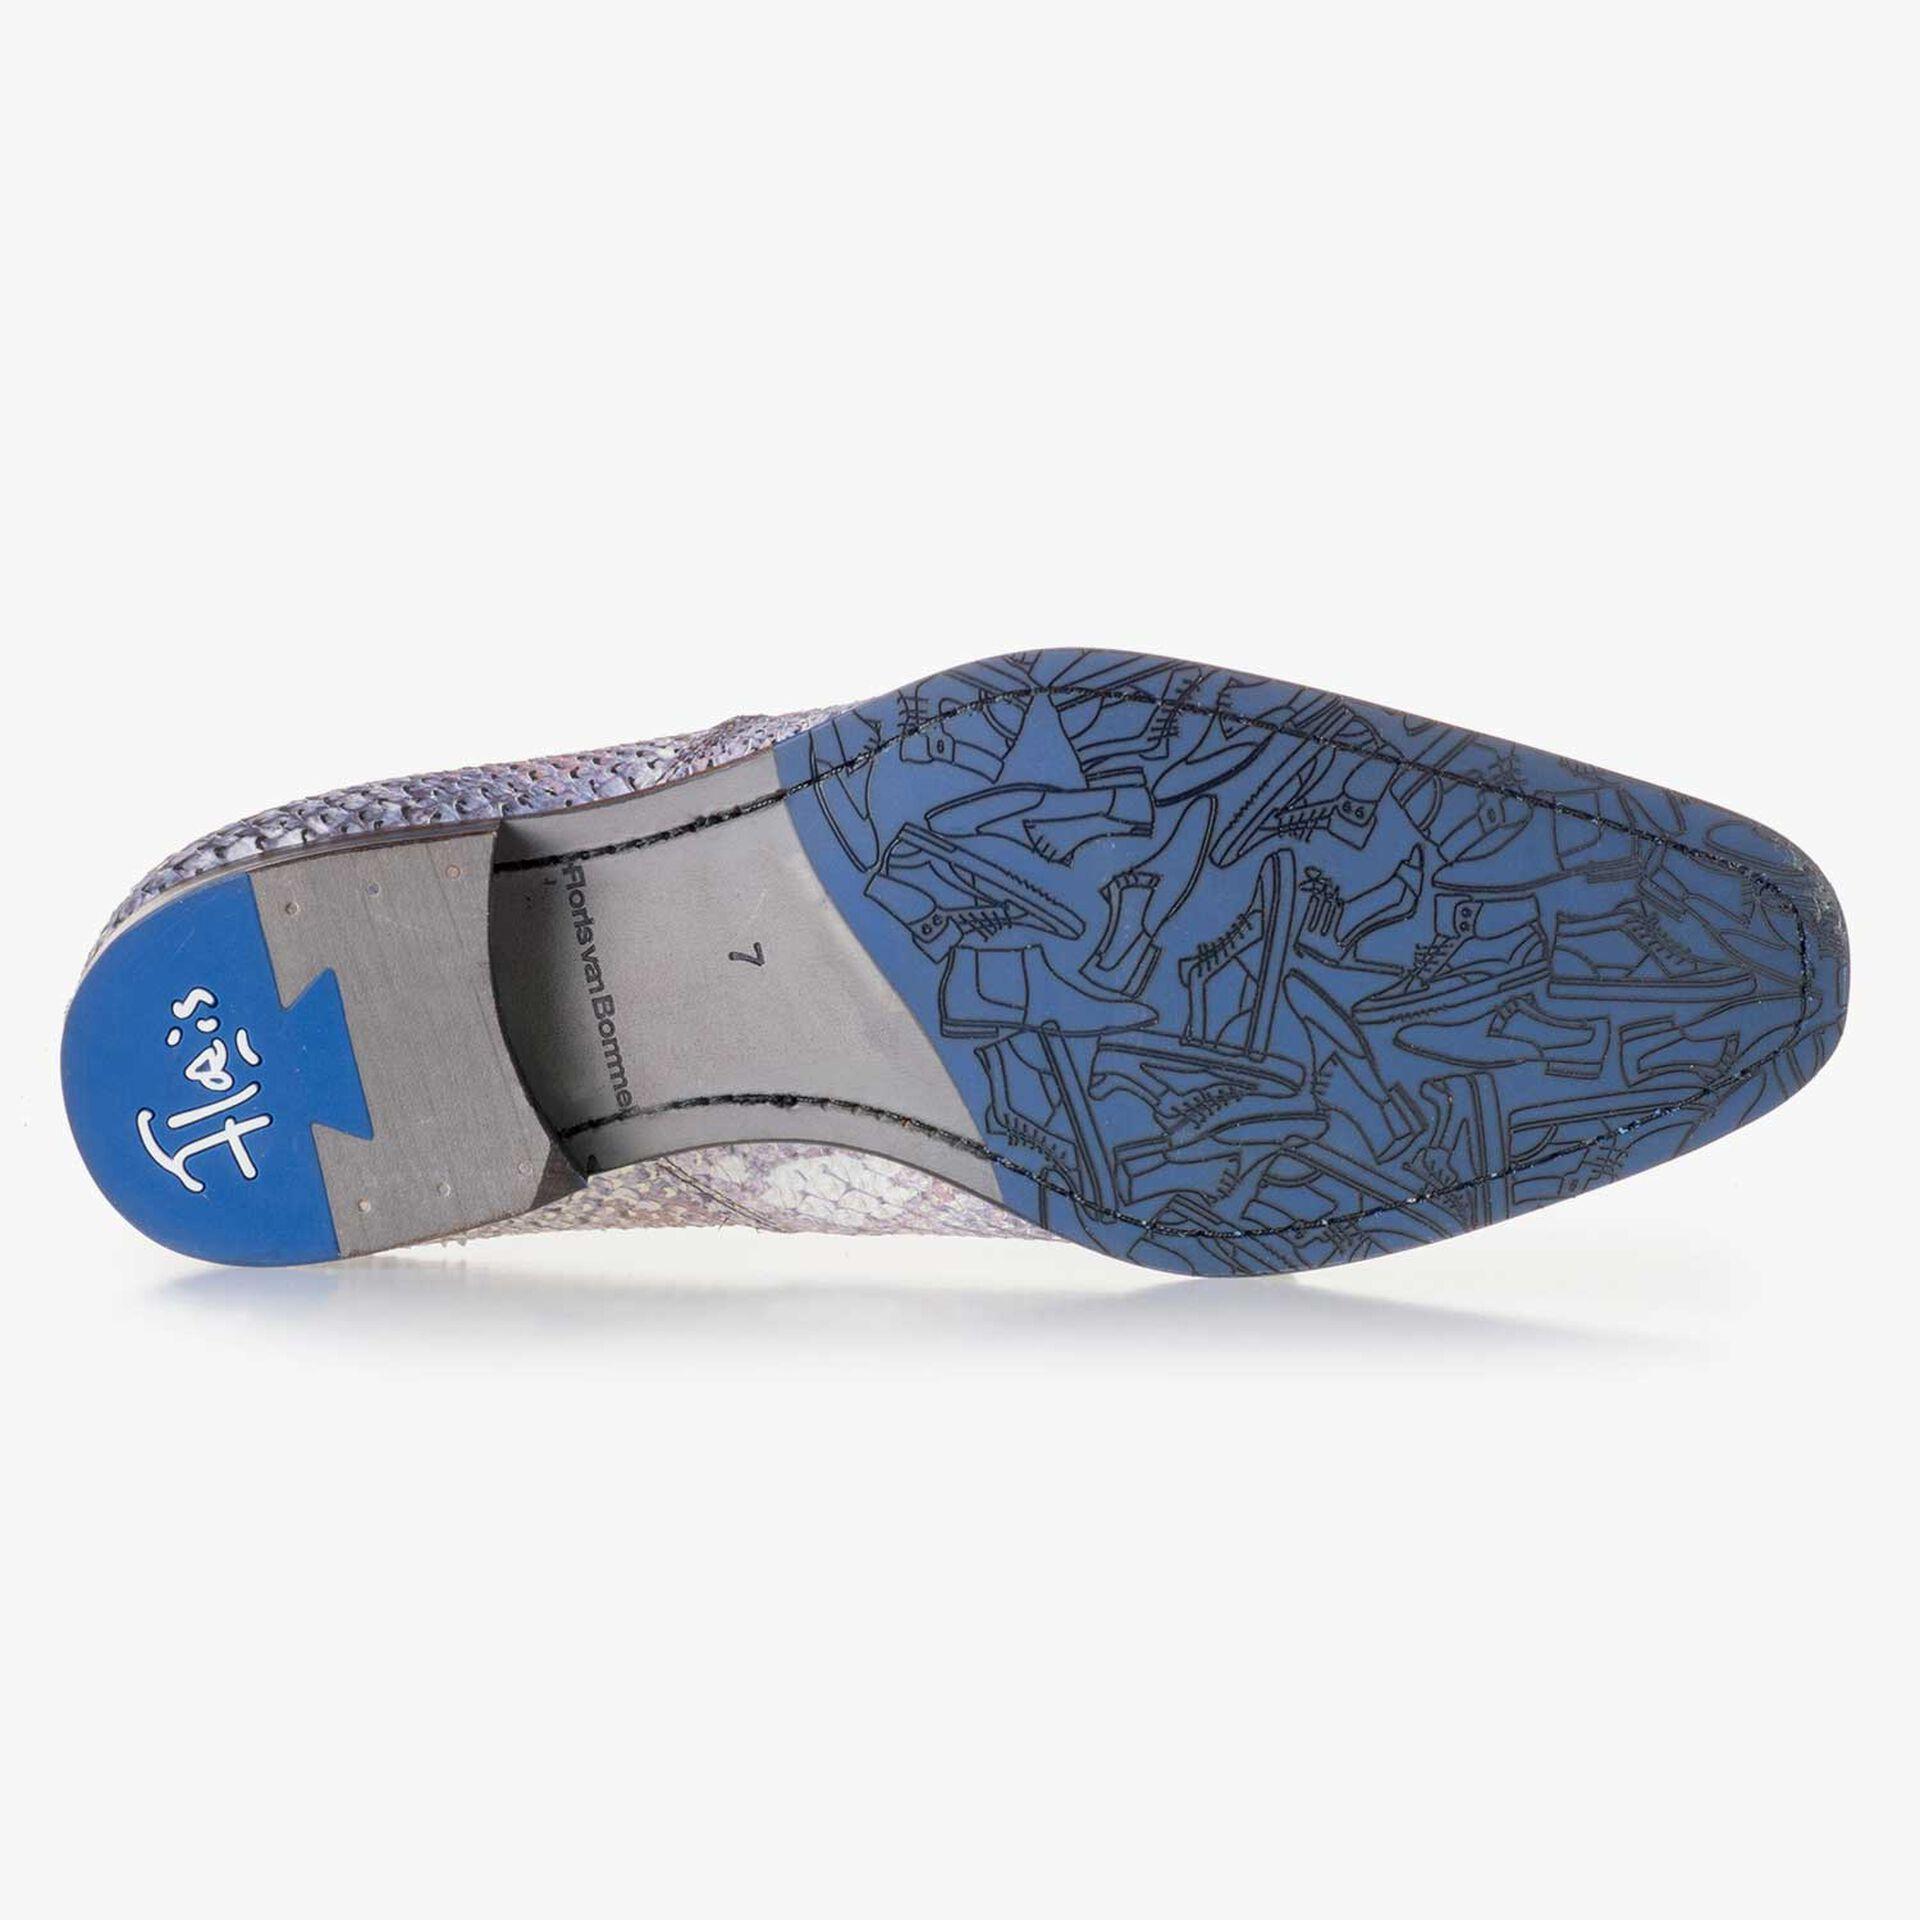 Premium blauwe chelsea boot met snakereliëf